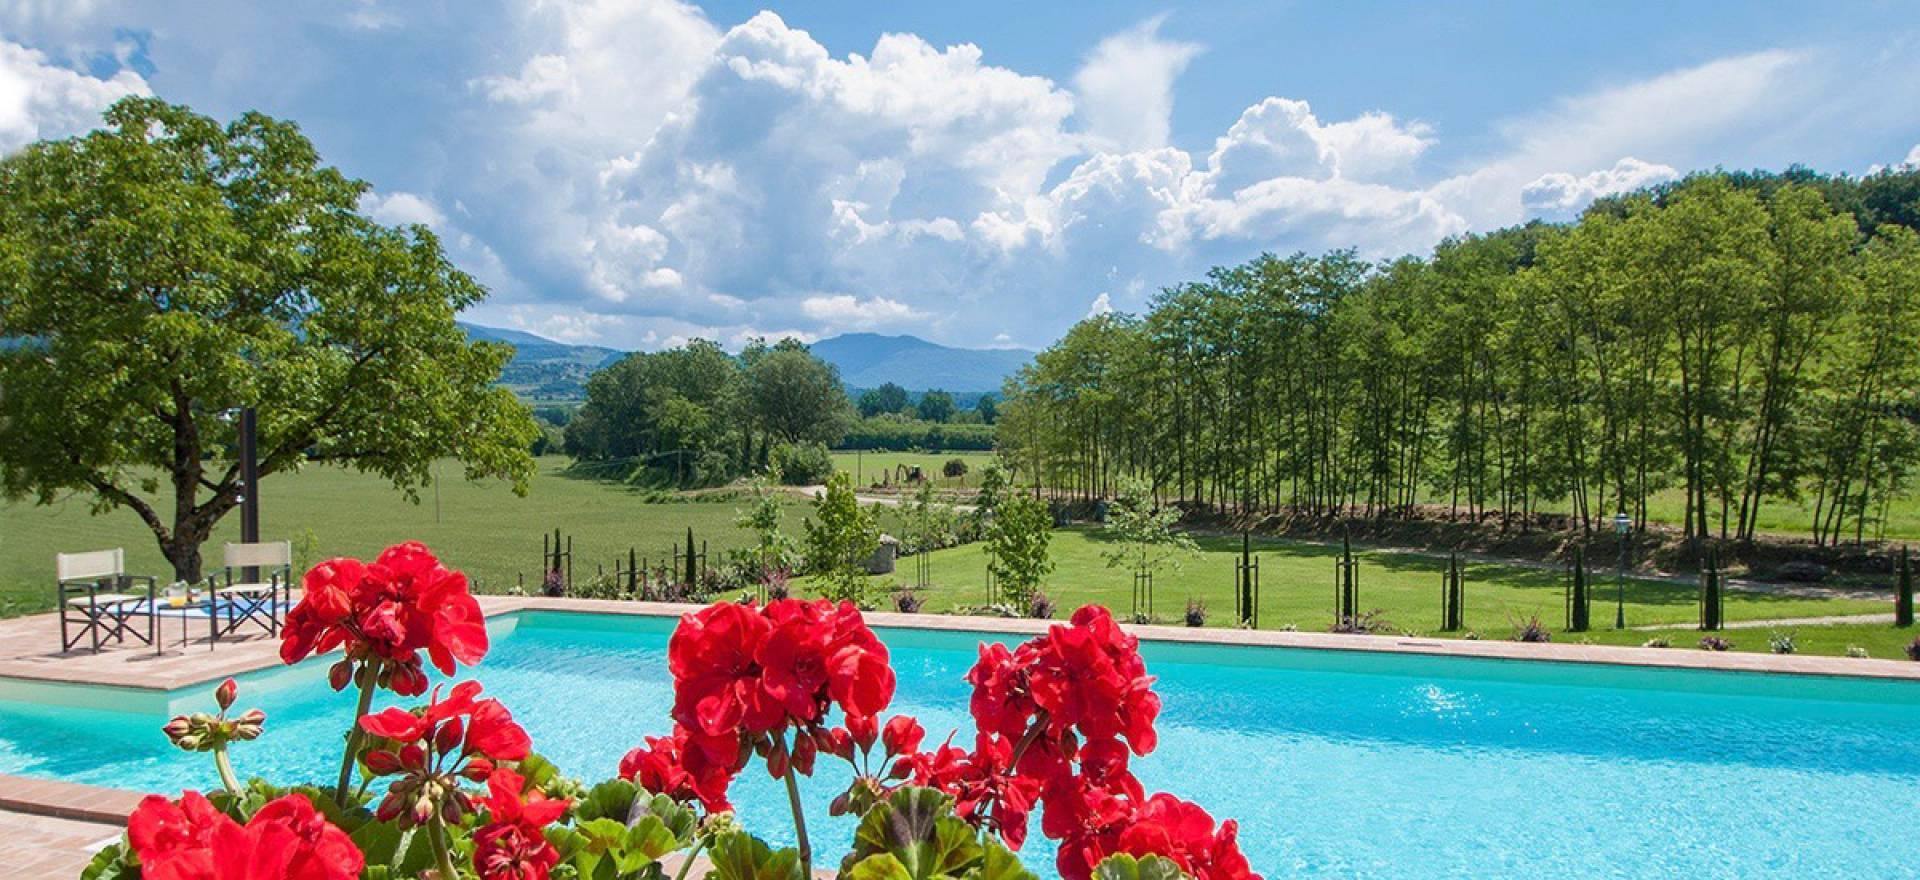 Agriturismo in Toscane geschikt voor 4 families